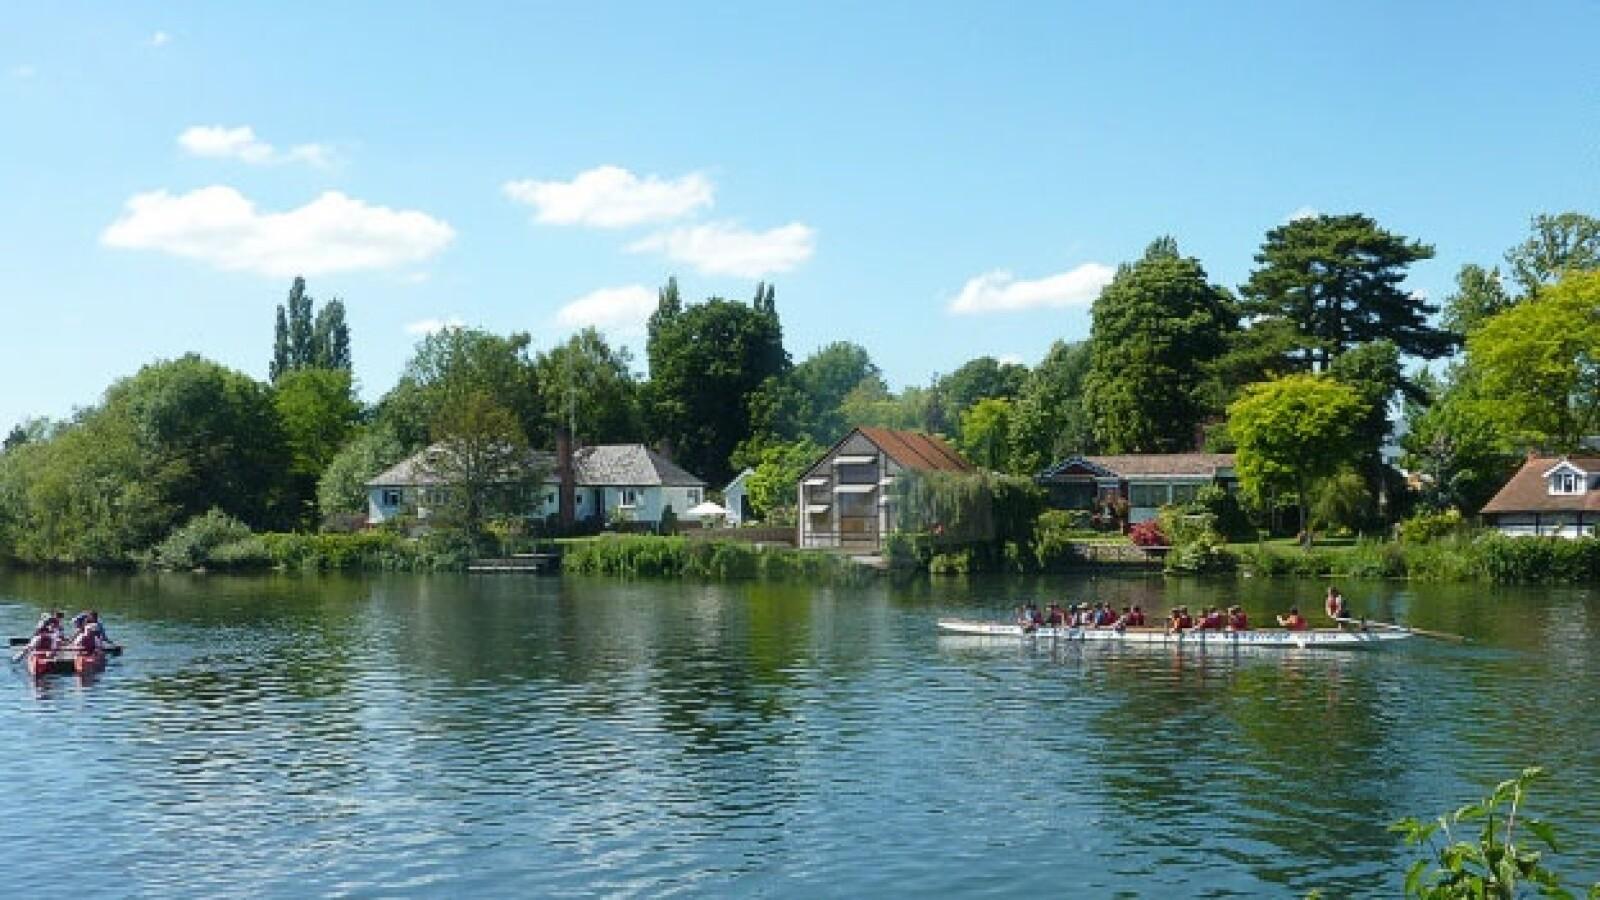 casas flotantes inundaciones